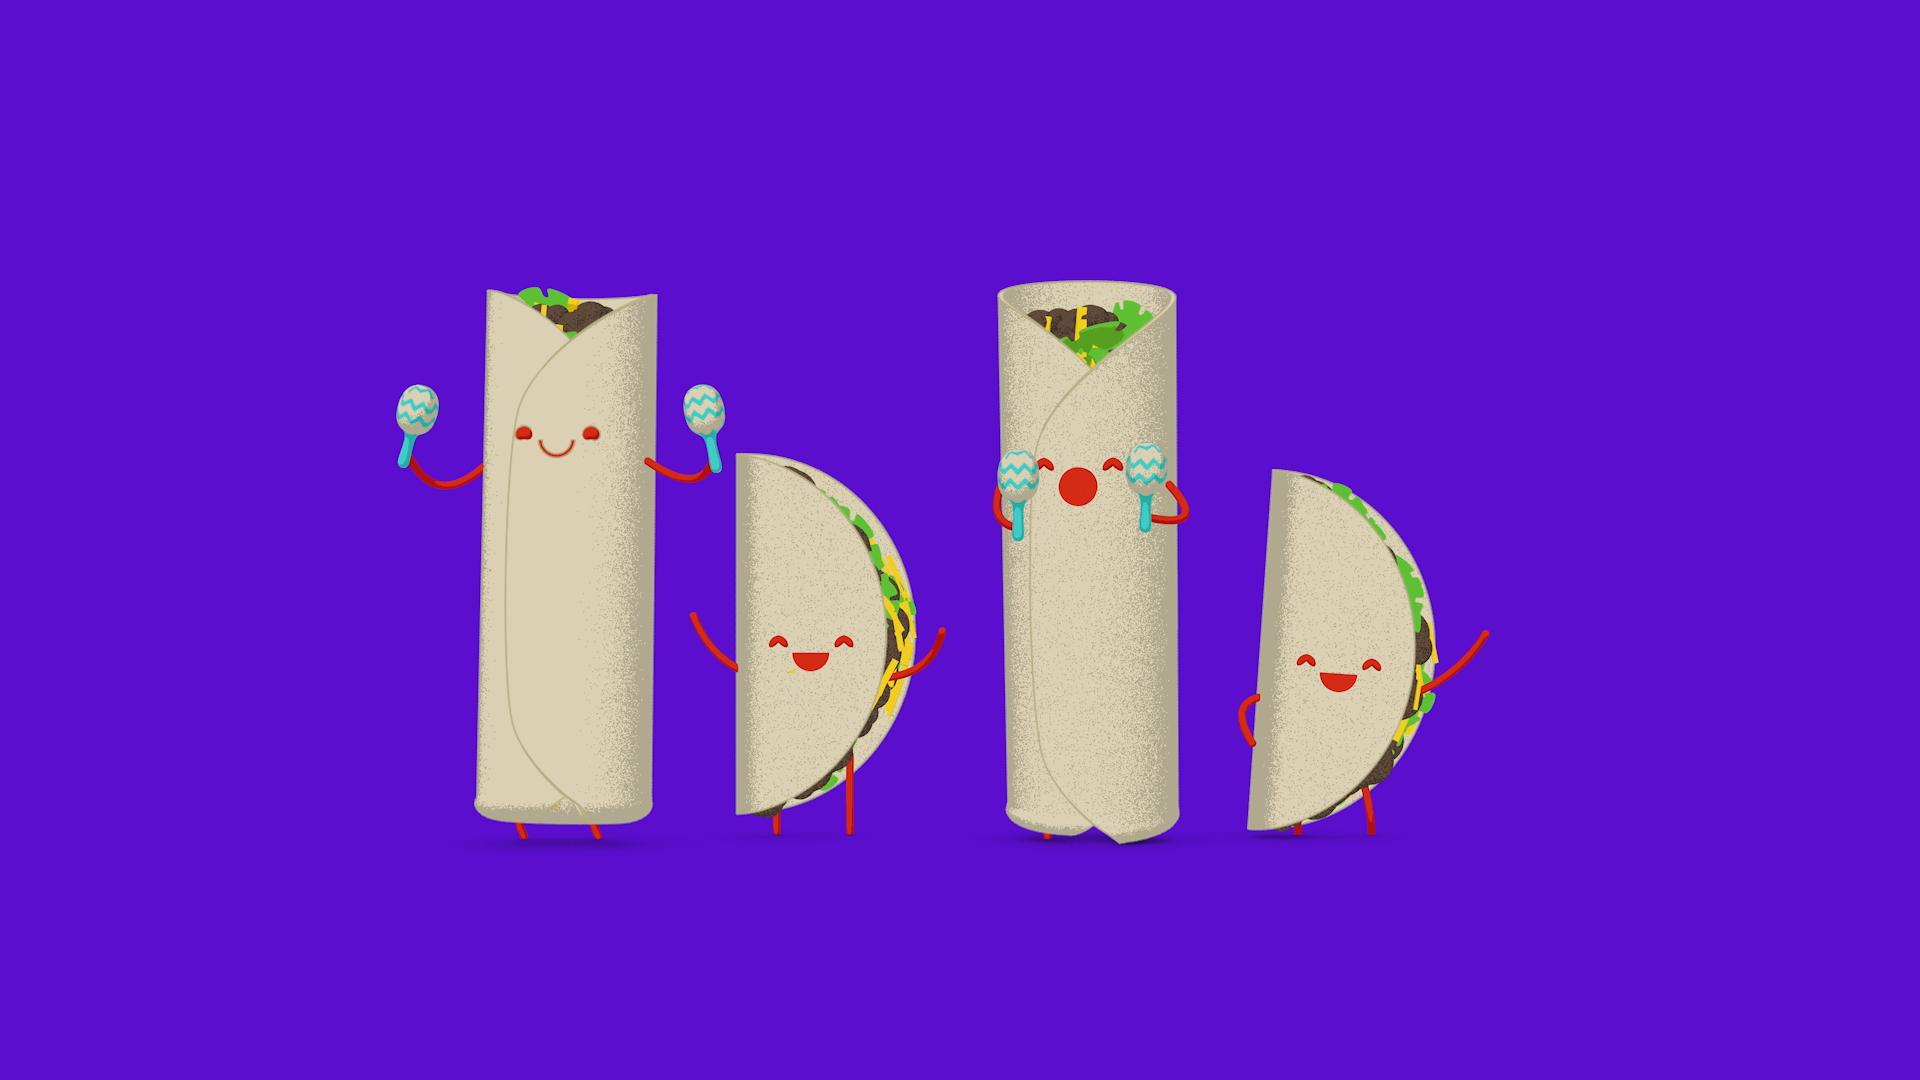 Bom Bom logo made of burritos and tacos with cute faces